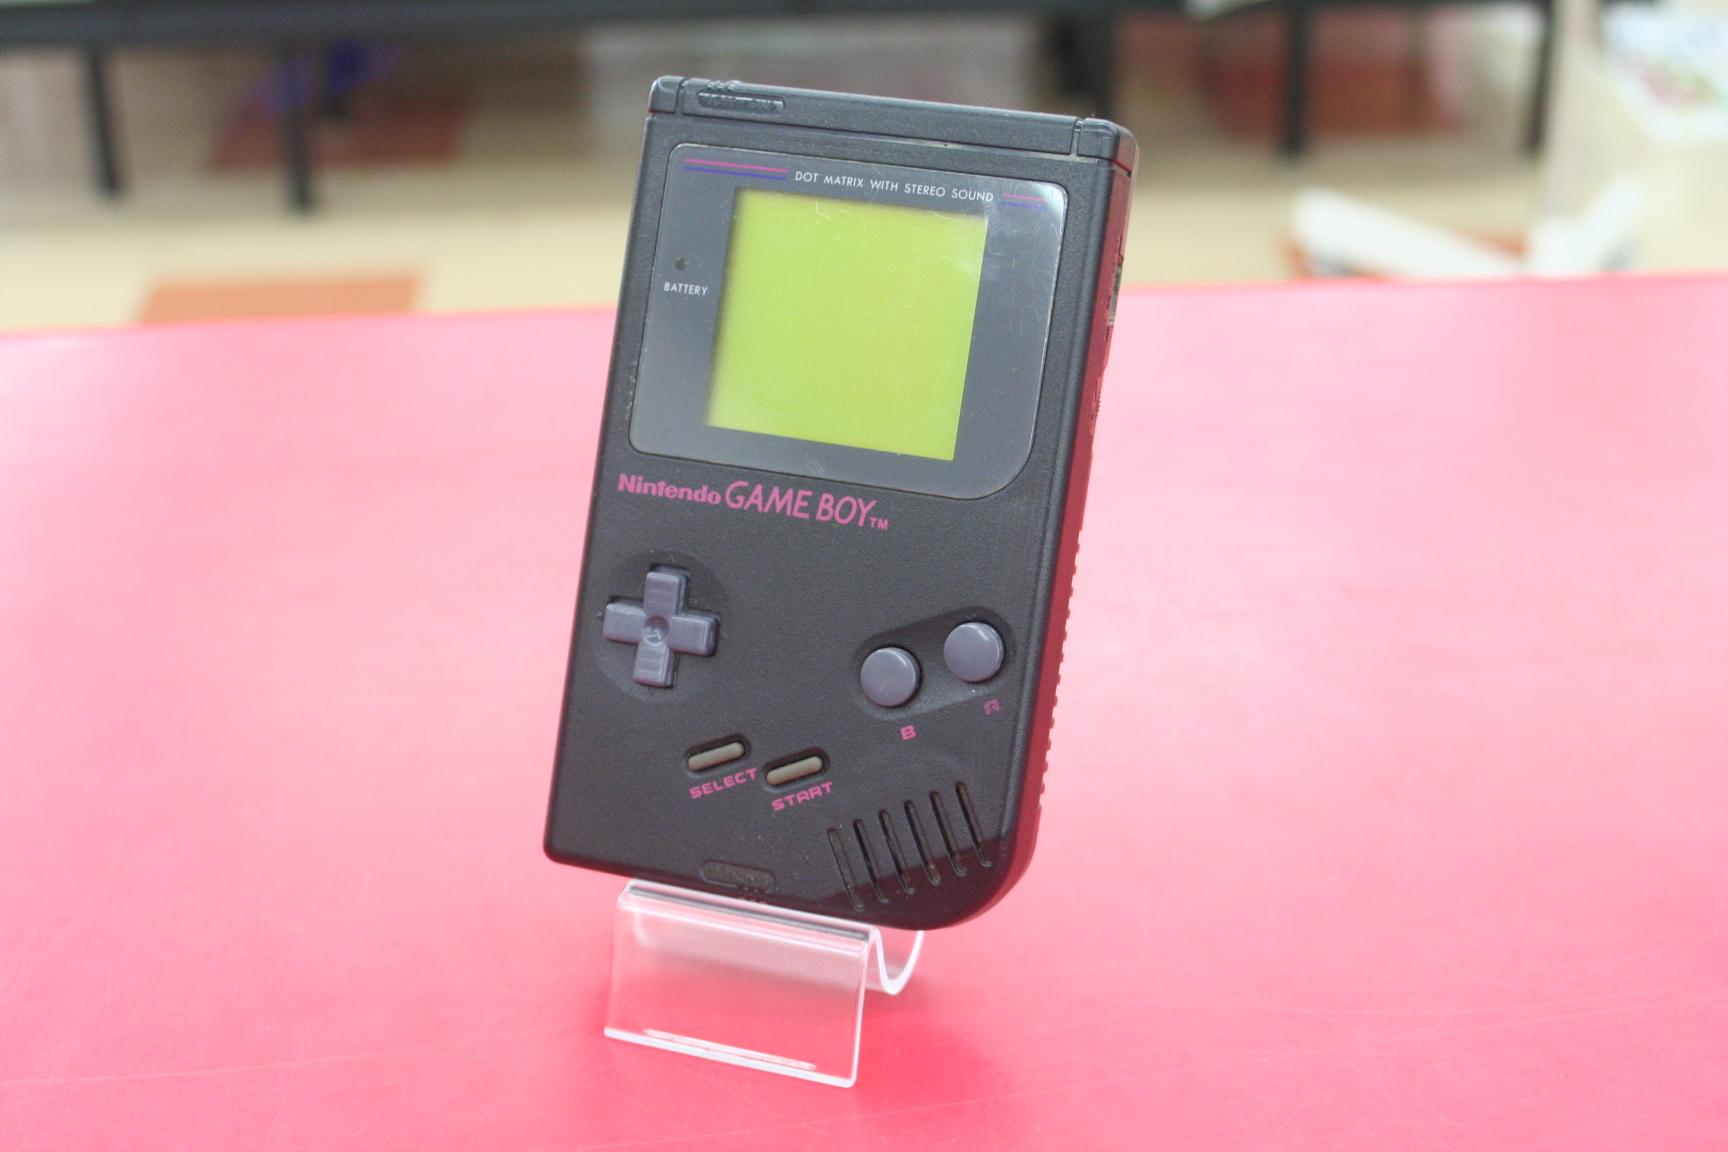 Nintendoゲームボーイ買取|名古屋リサイクルショップ ハードオフ三河安城